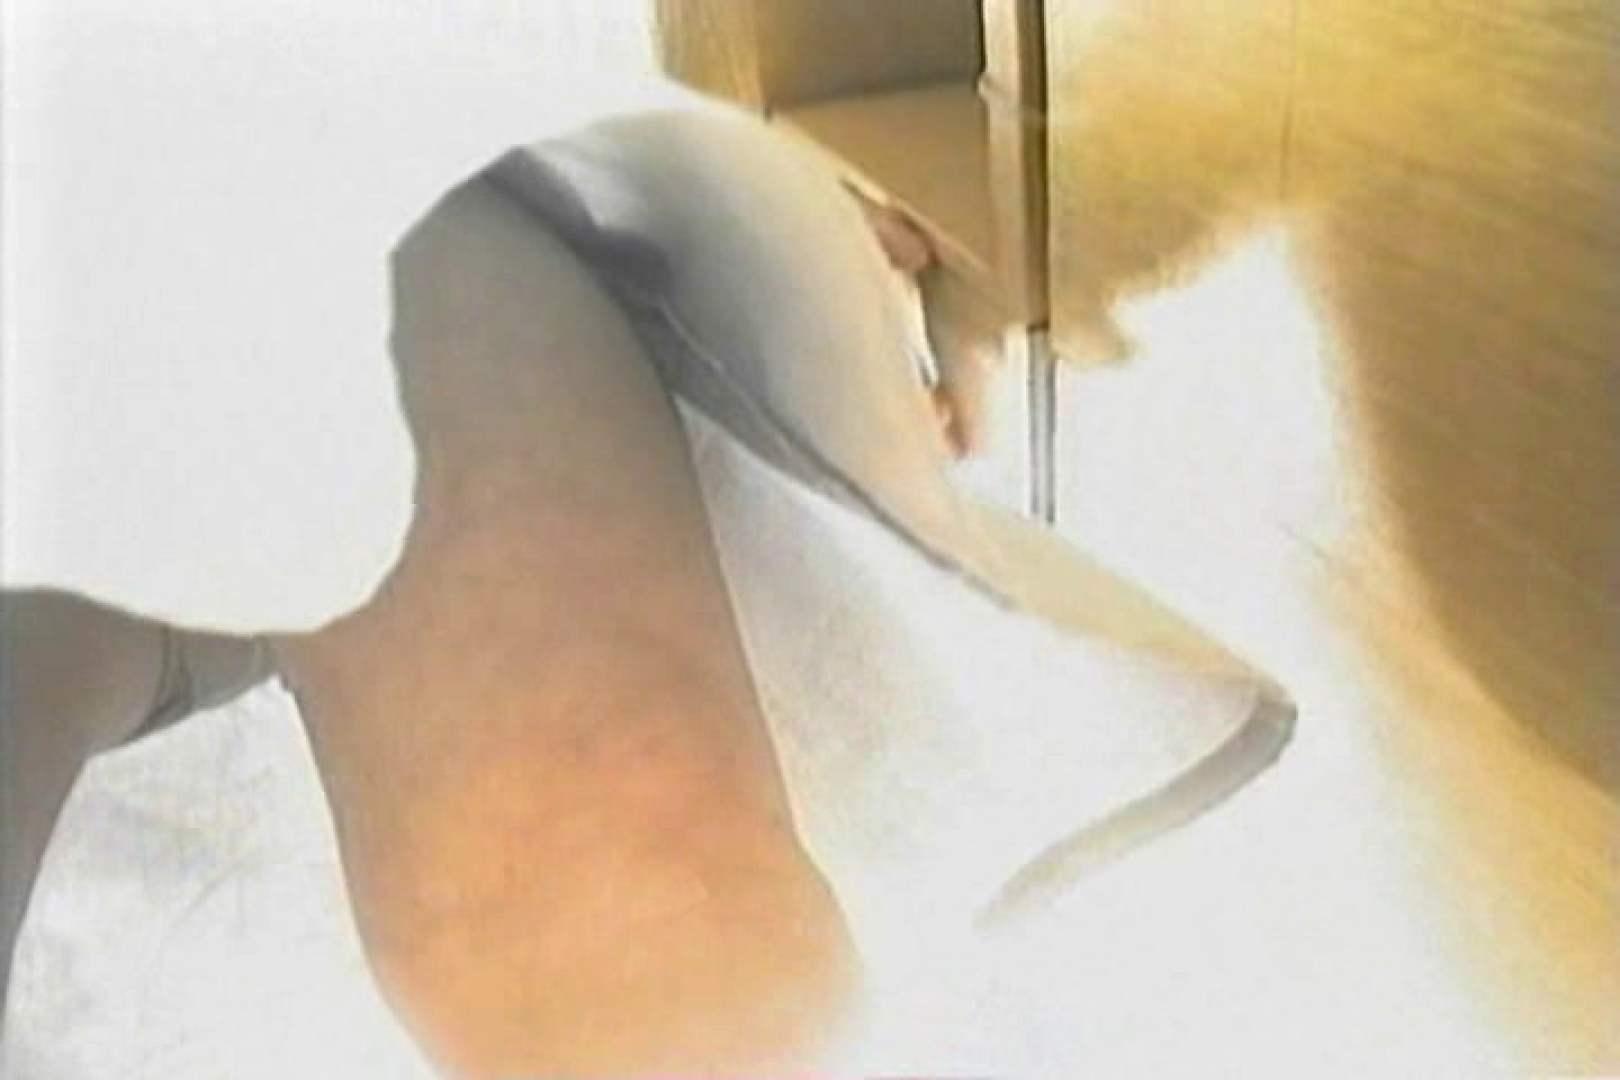 デパートローアングル徘徊 靴カメ盗撮Vol.2 パンツ セックス画像 110pic 12